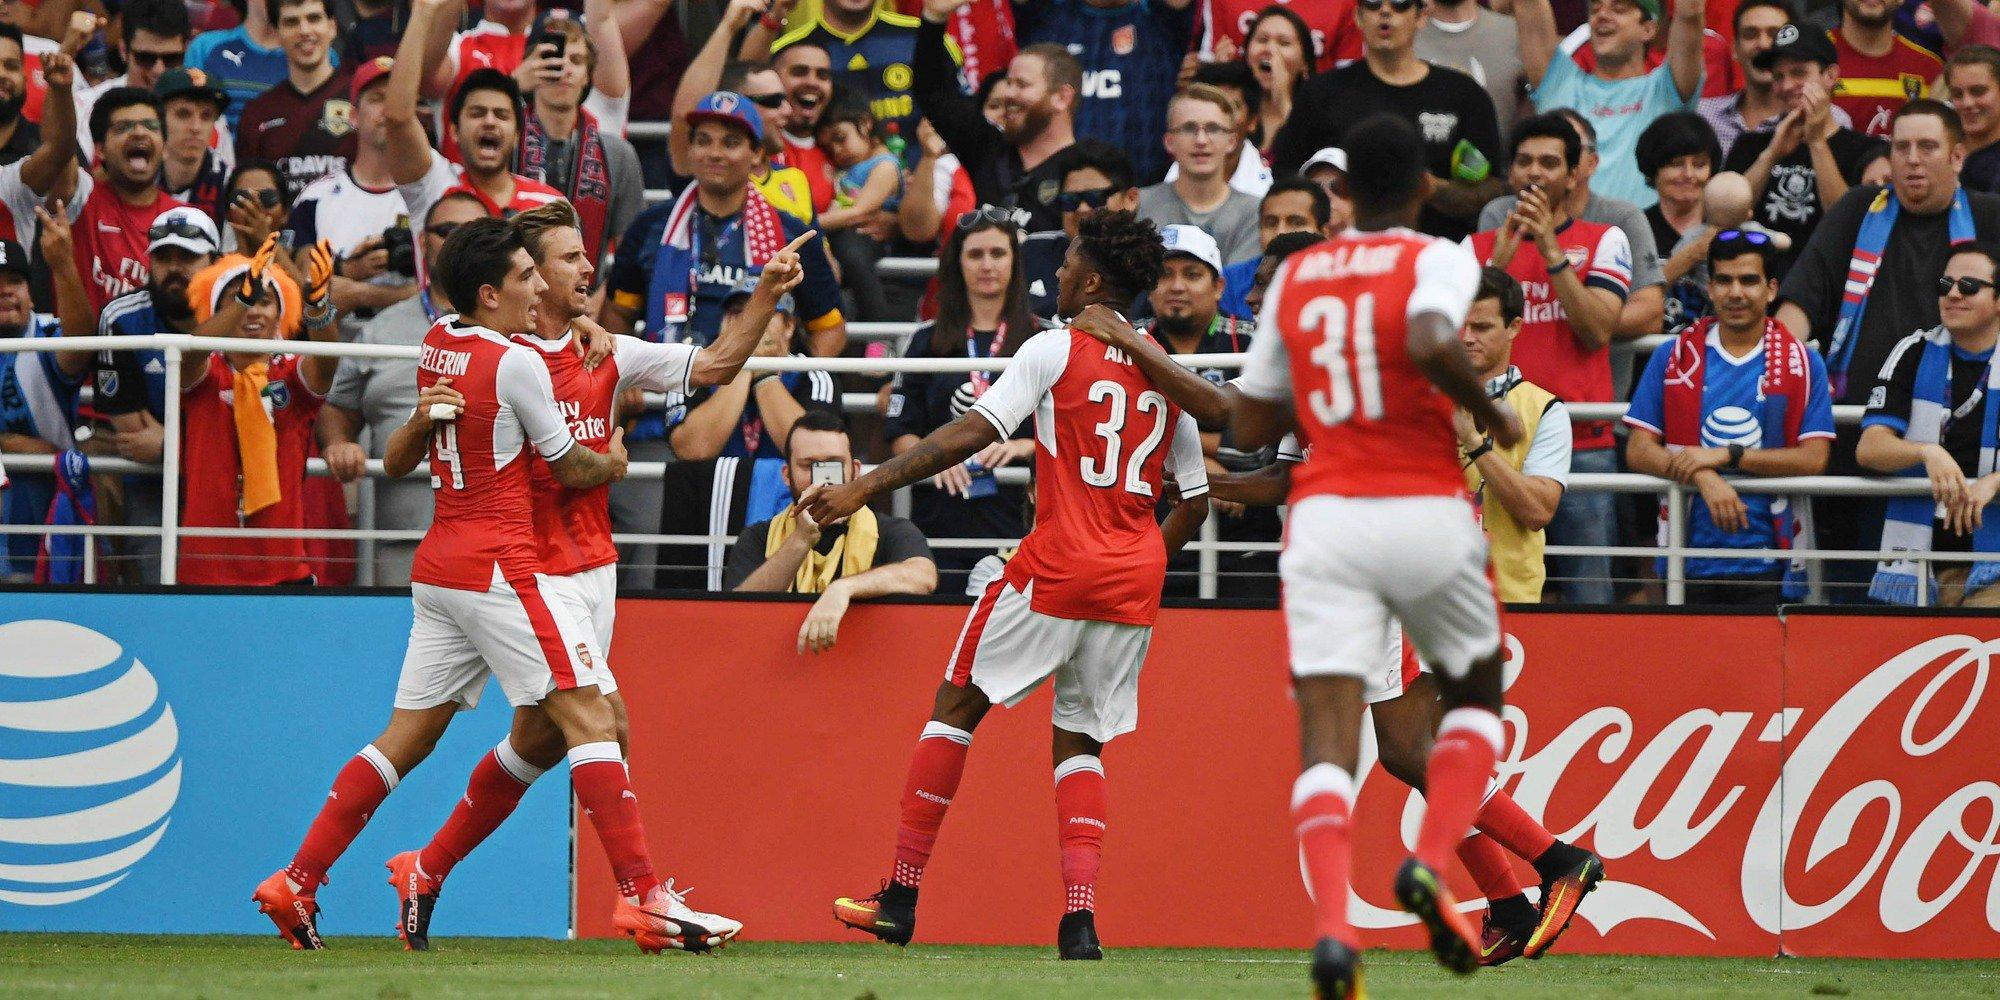 Wenger: Akpom, Sanogo Can Make Up For No New Striker